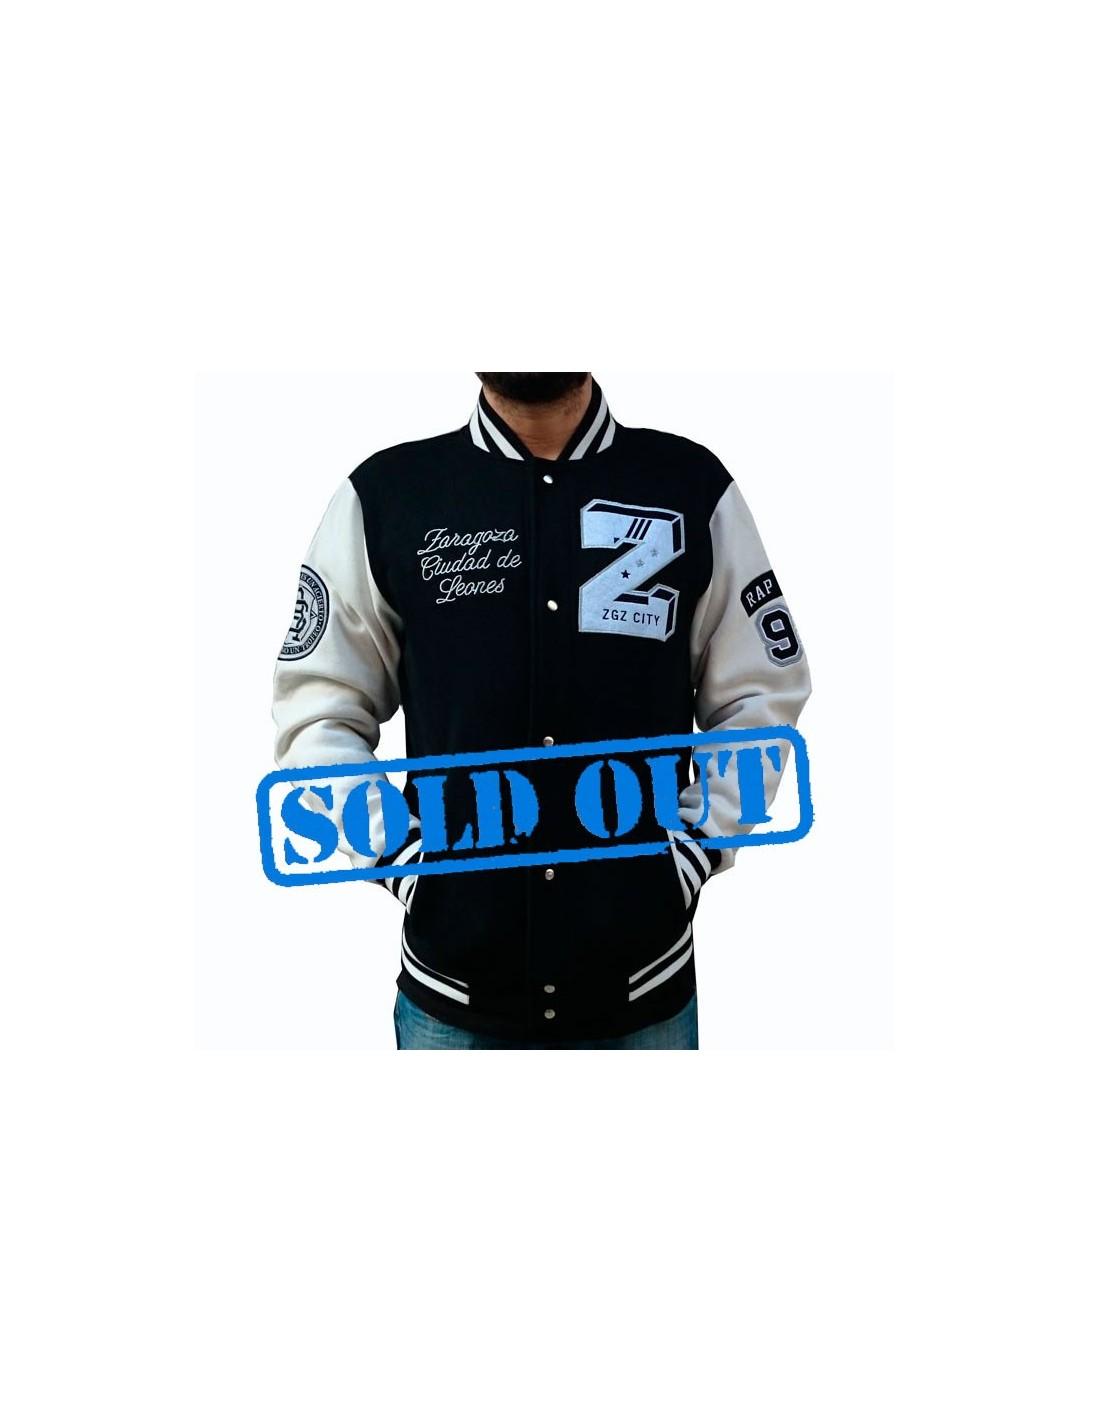 Compra eider abajo chaqueta online al por mayor de China